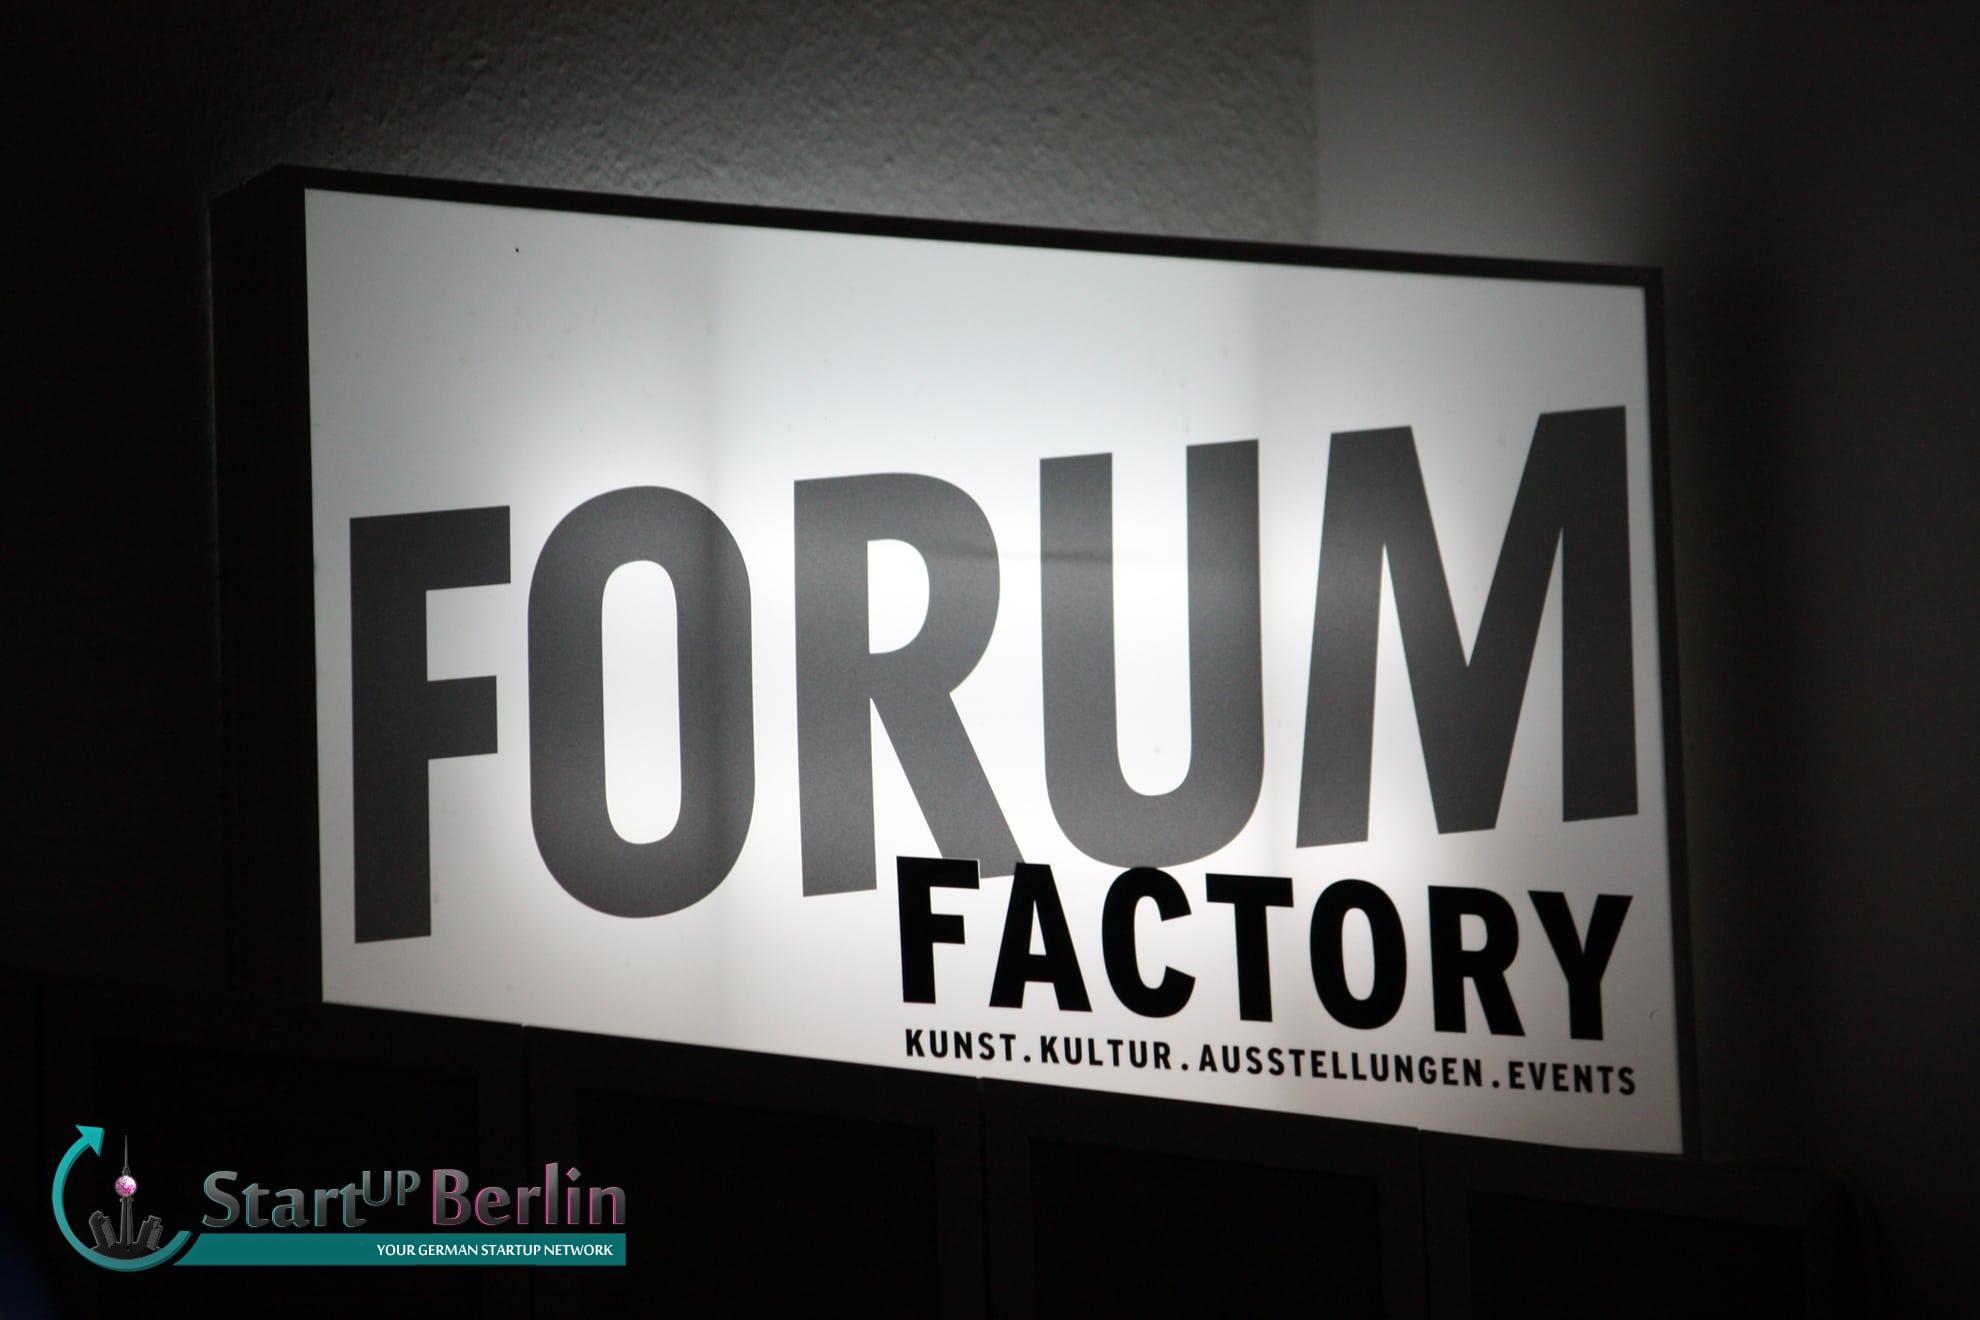 StartUP Berlin Event #03 Fotos